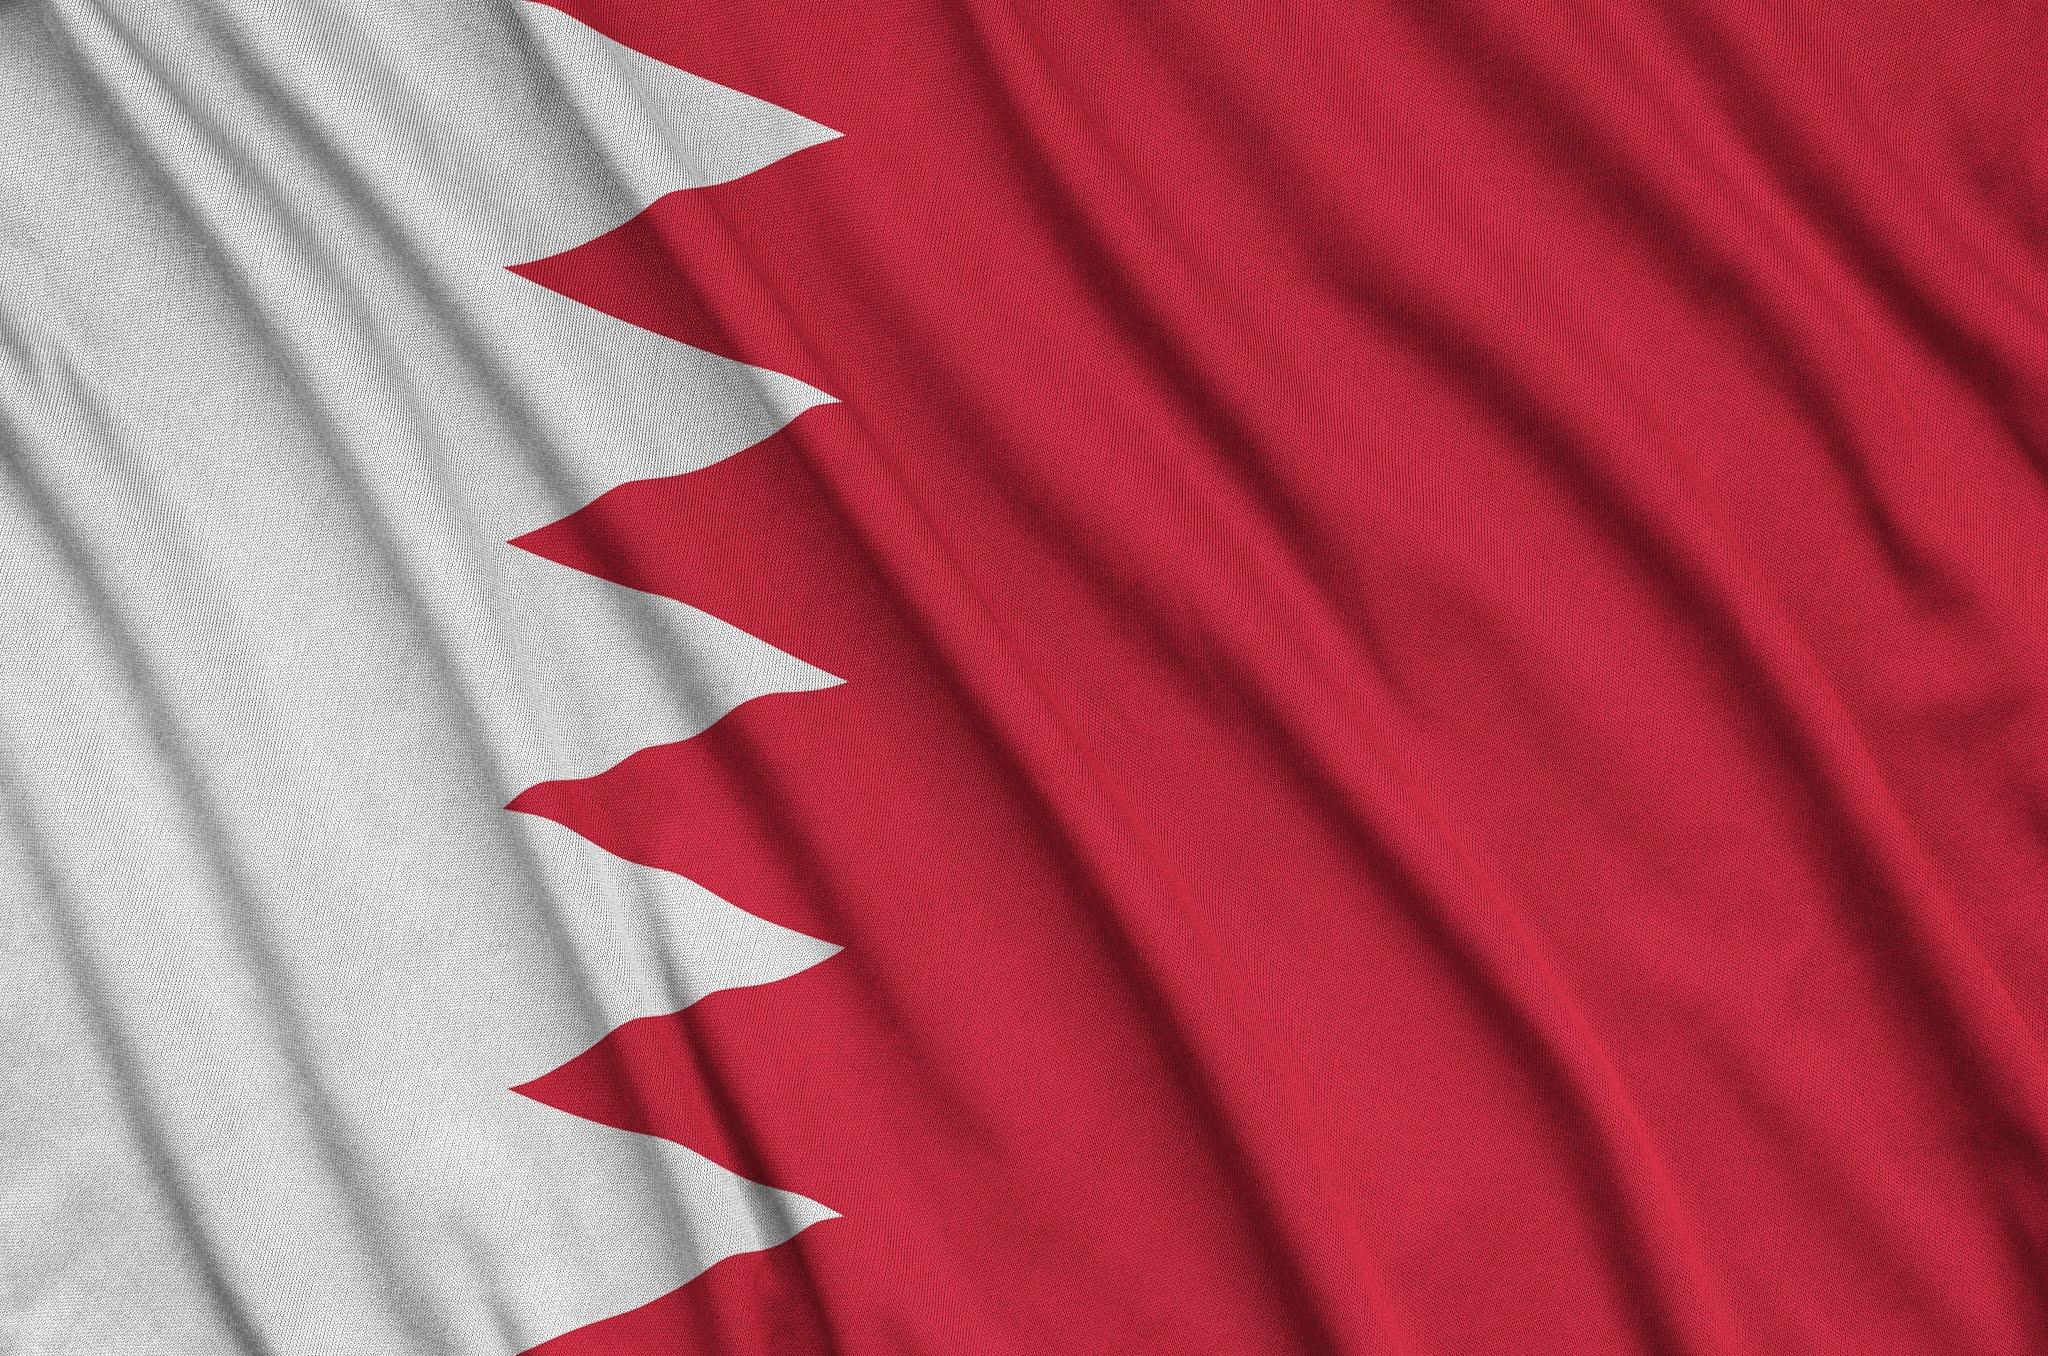 البحرين ترسي مناقصات بقيمة 1.6 مليار دولار أميركي في الربع الأول من 2021